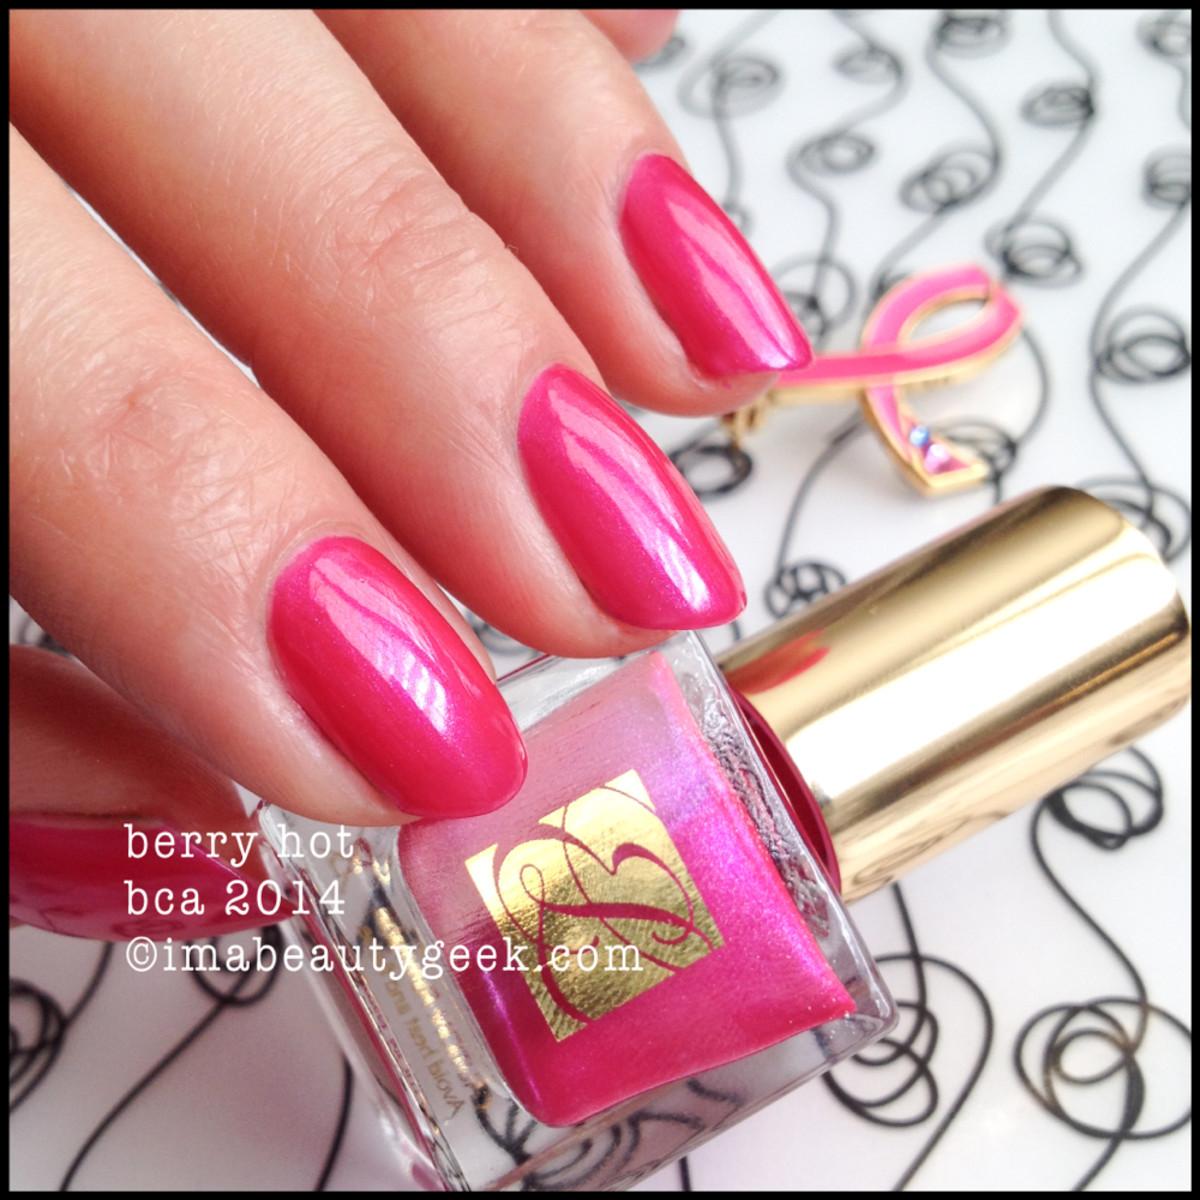 Estee Lauder BCA 2014 Berry Hot